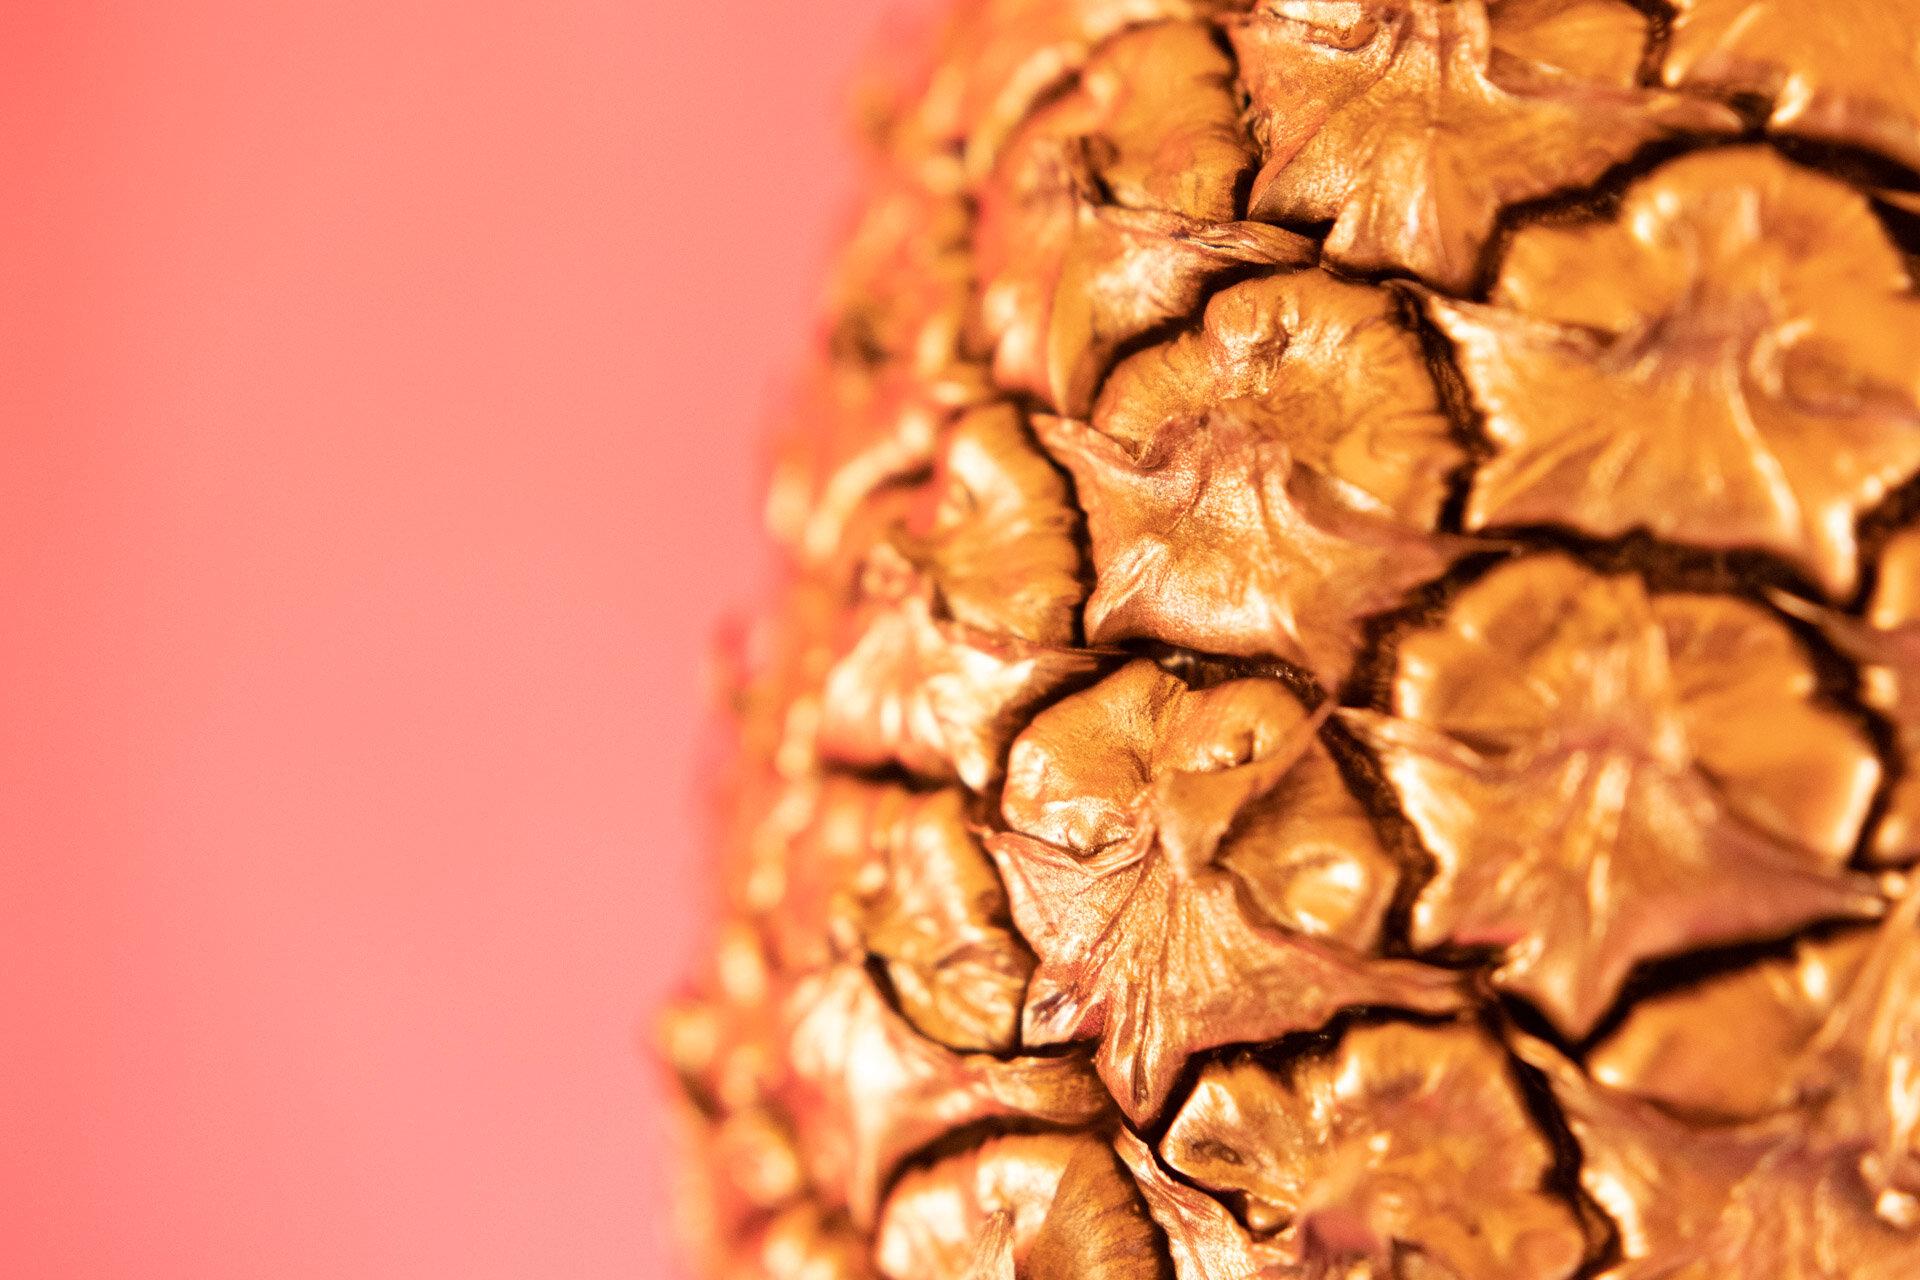 BPP 11 - Golden Pineapple - IG-6.jpg